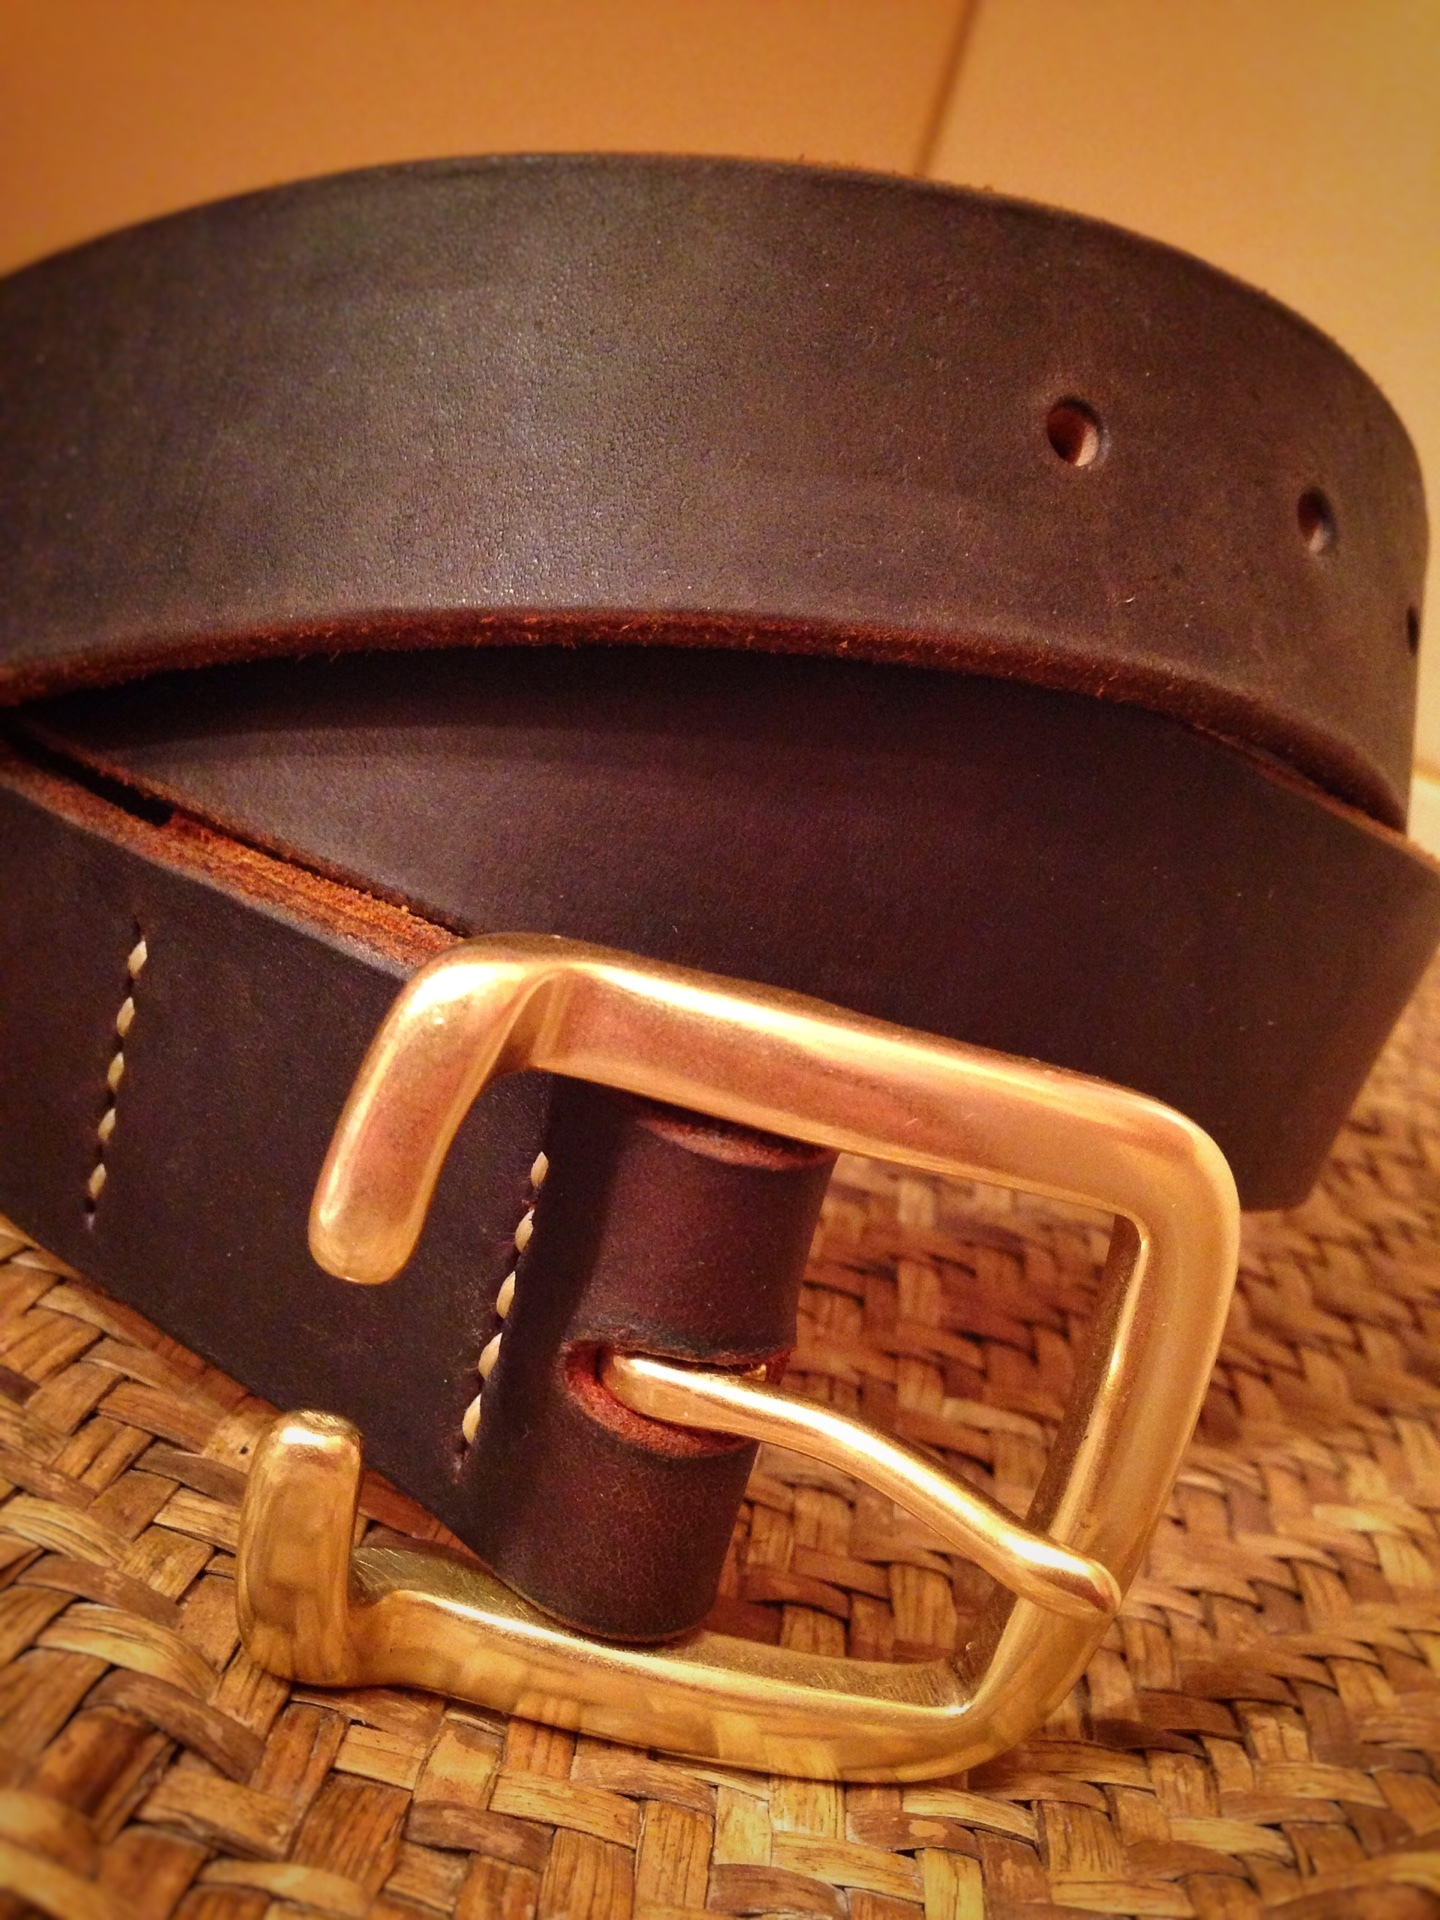 Как сделать кожаный ремень мужской ремень луи витон мужской купить